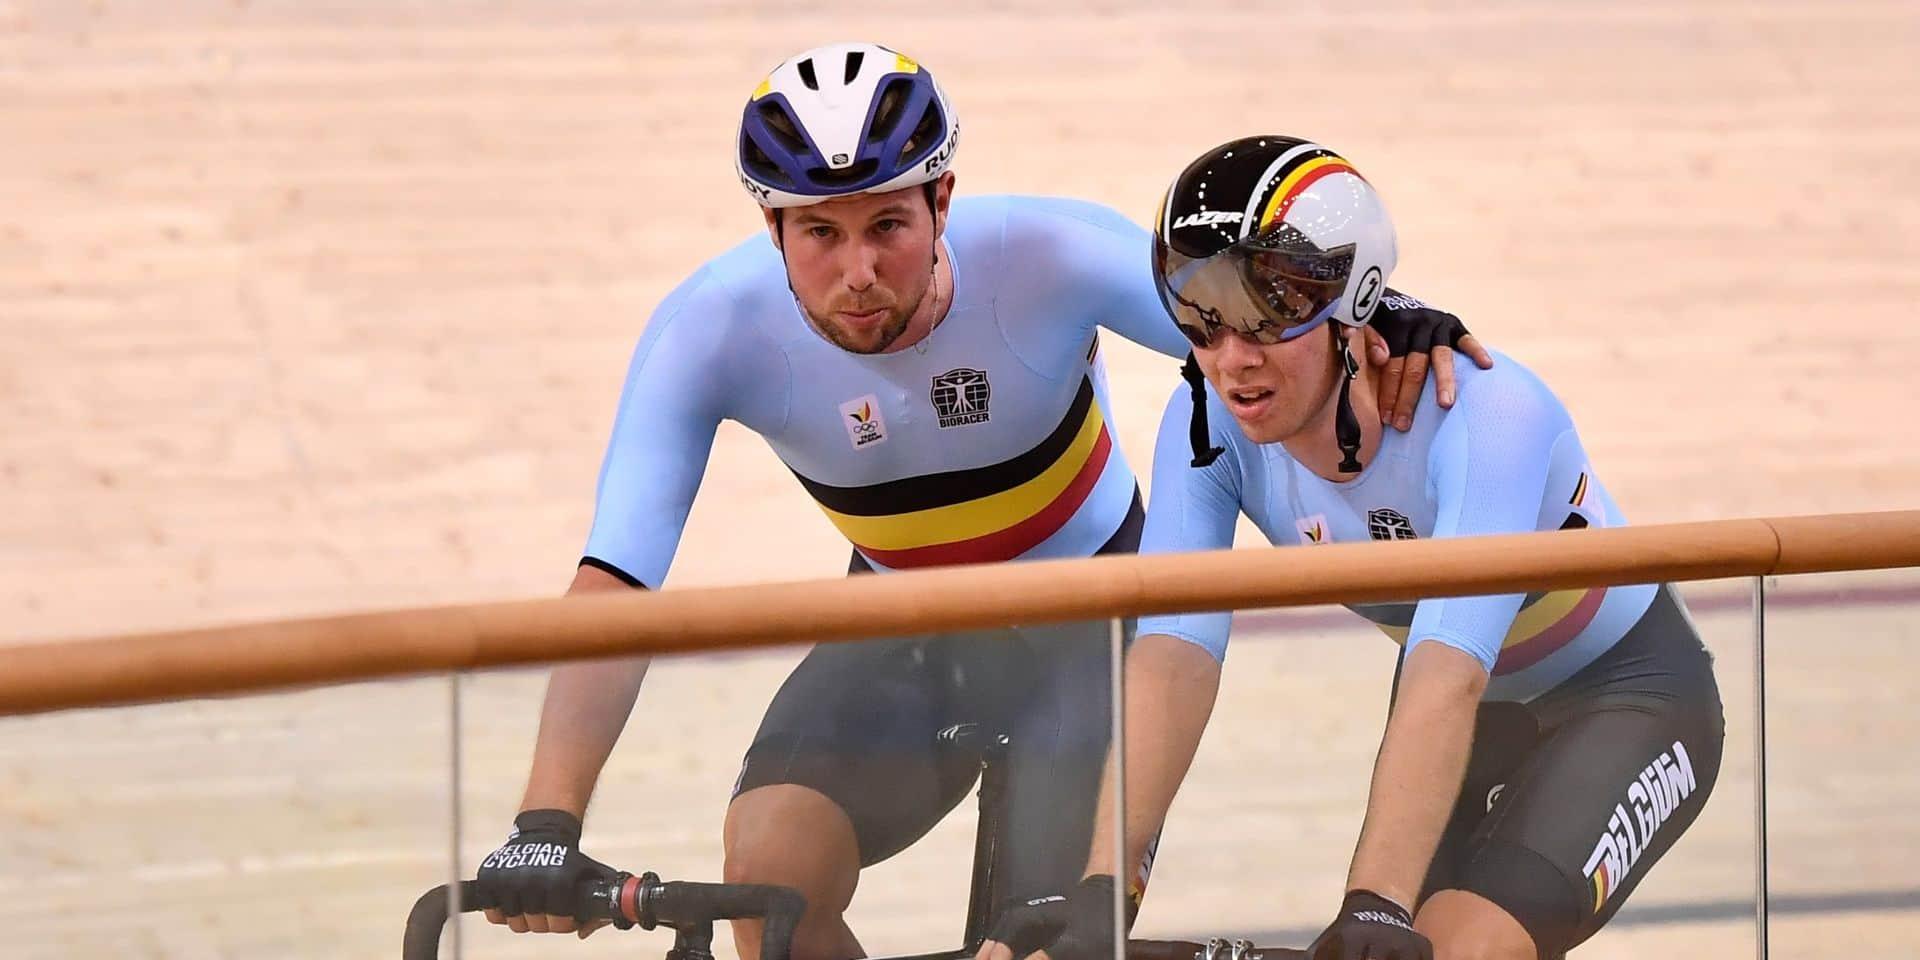 Pas de Belge à l'Euro de cyclisme sur piste